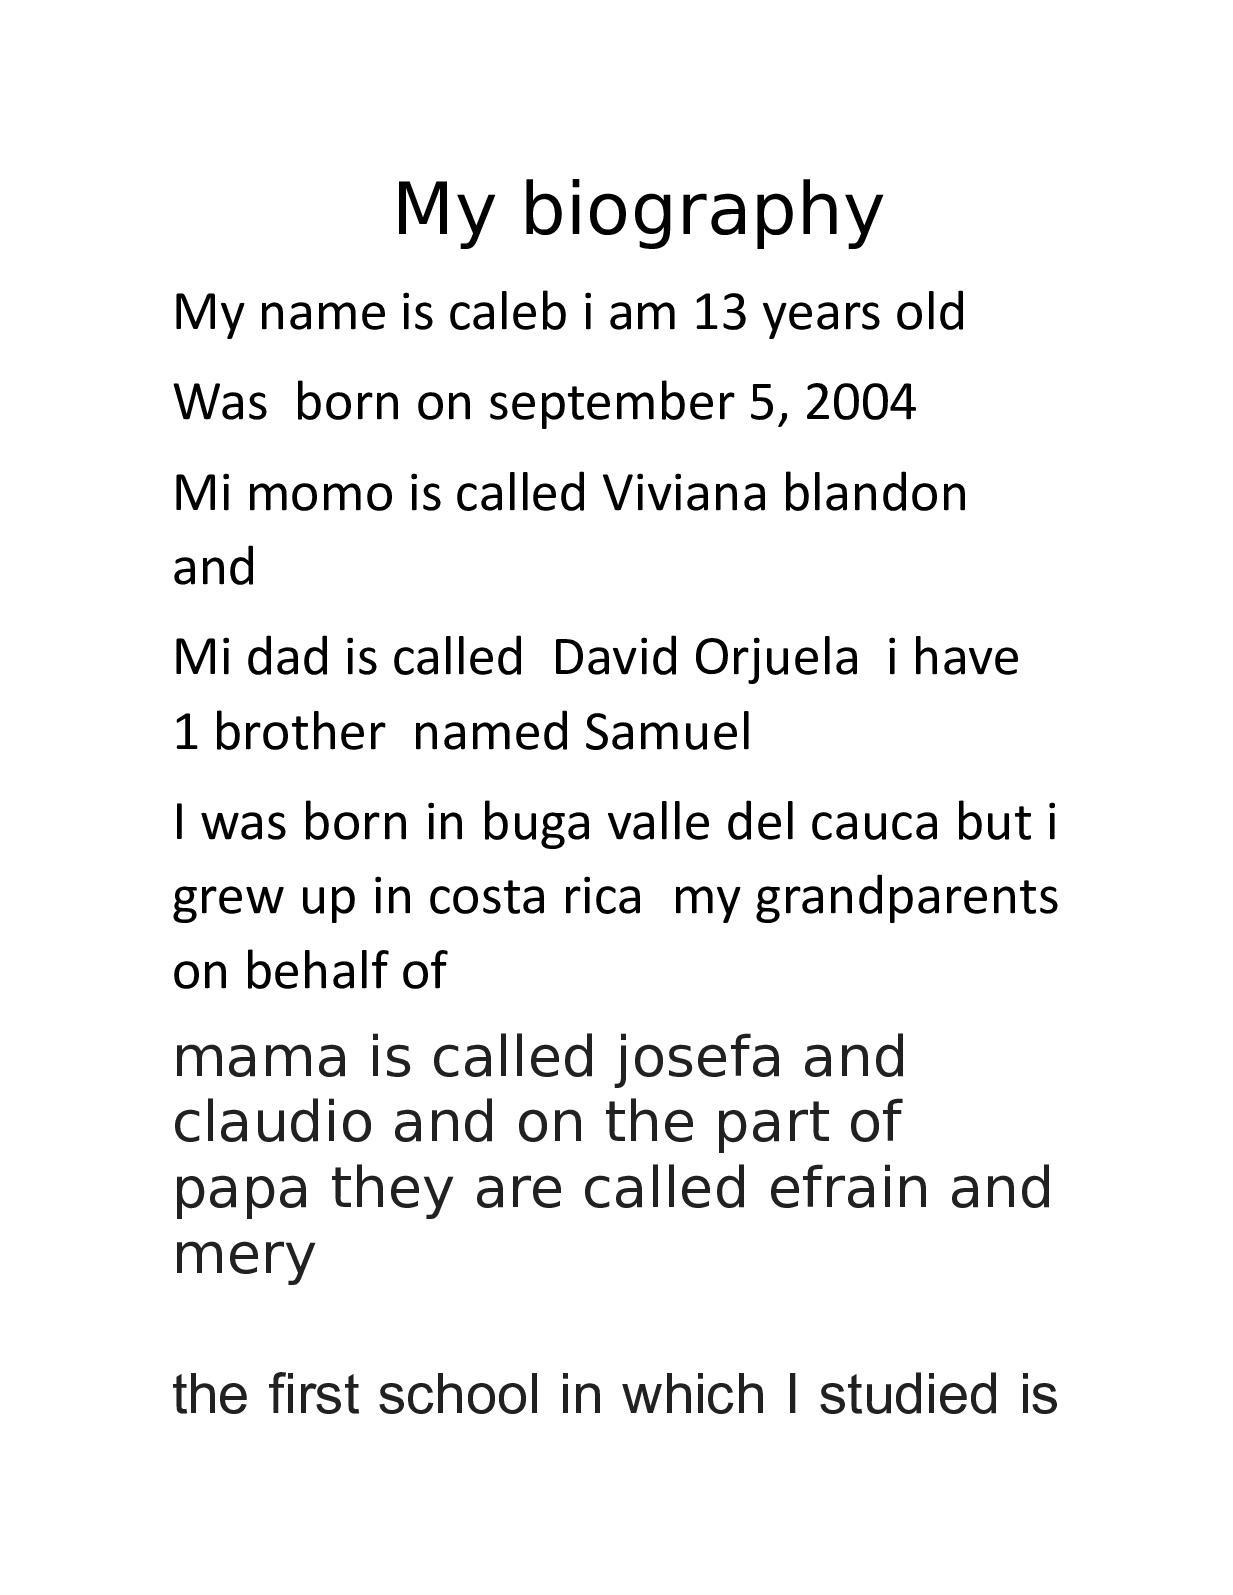 Calaméo - My Biography